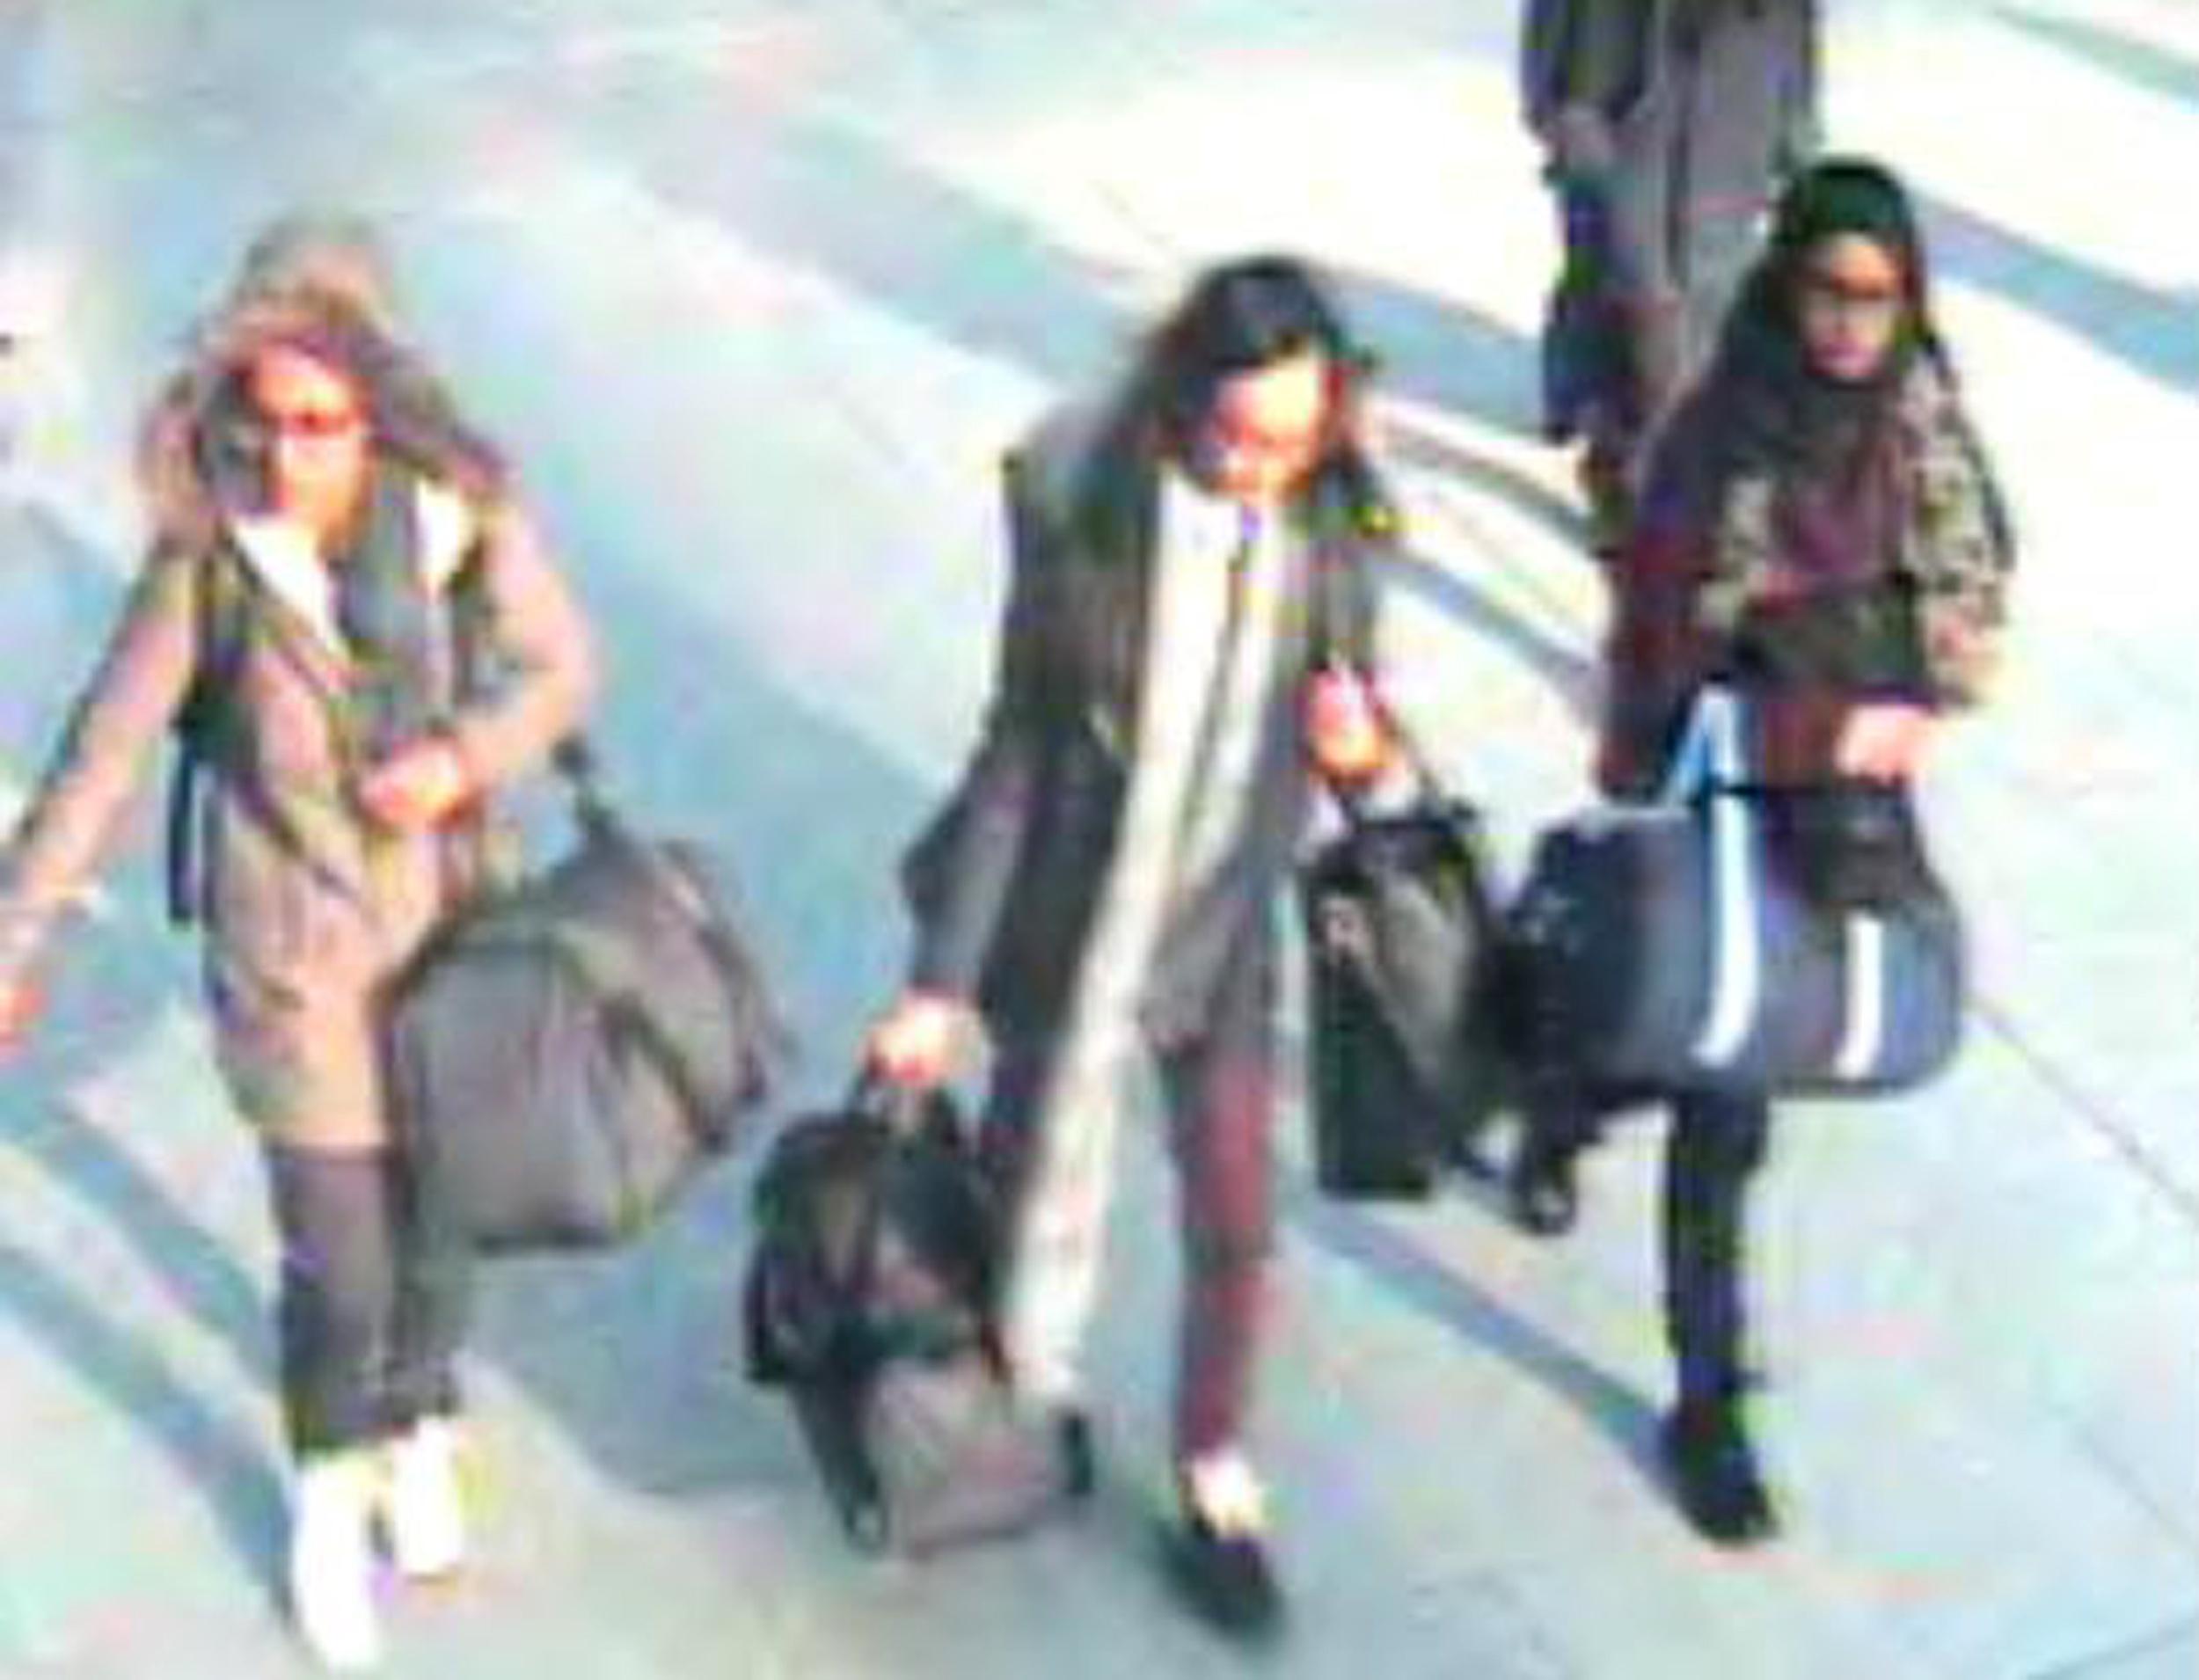 Shamima Begum holland dzsihadista férje szerint Hollandiában kéne élniük